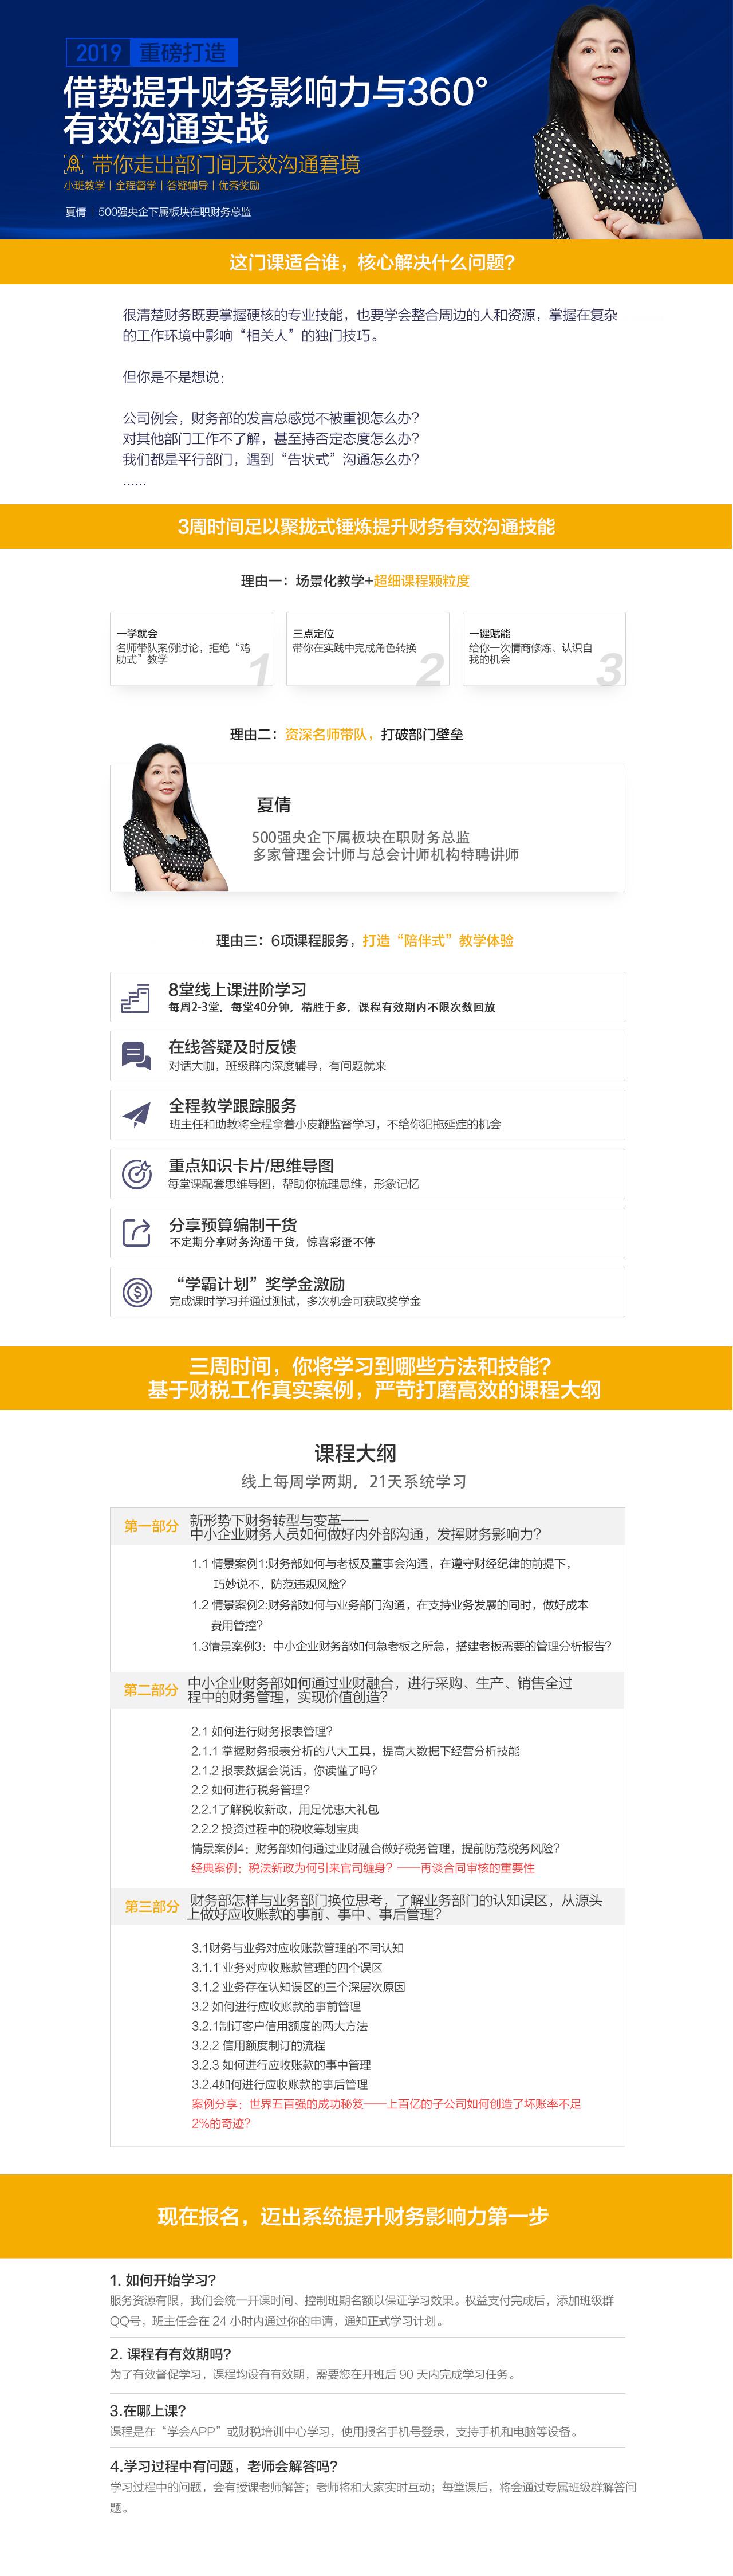 【课程详情页】研修班财务沟通主题设计web.jpg